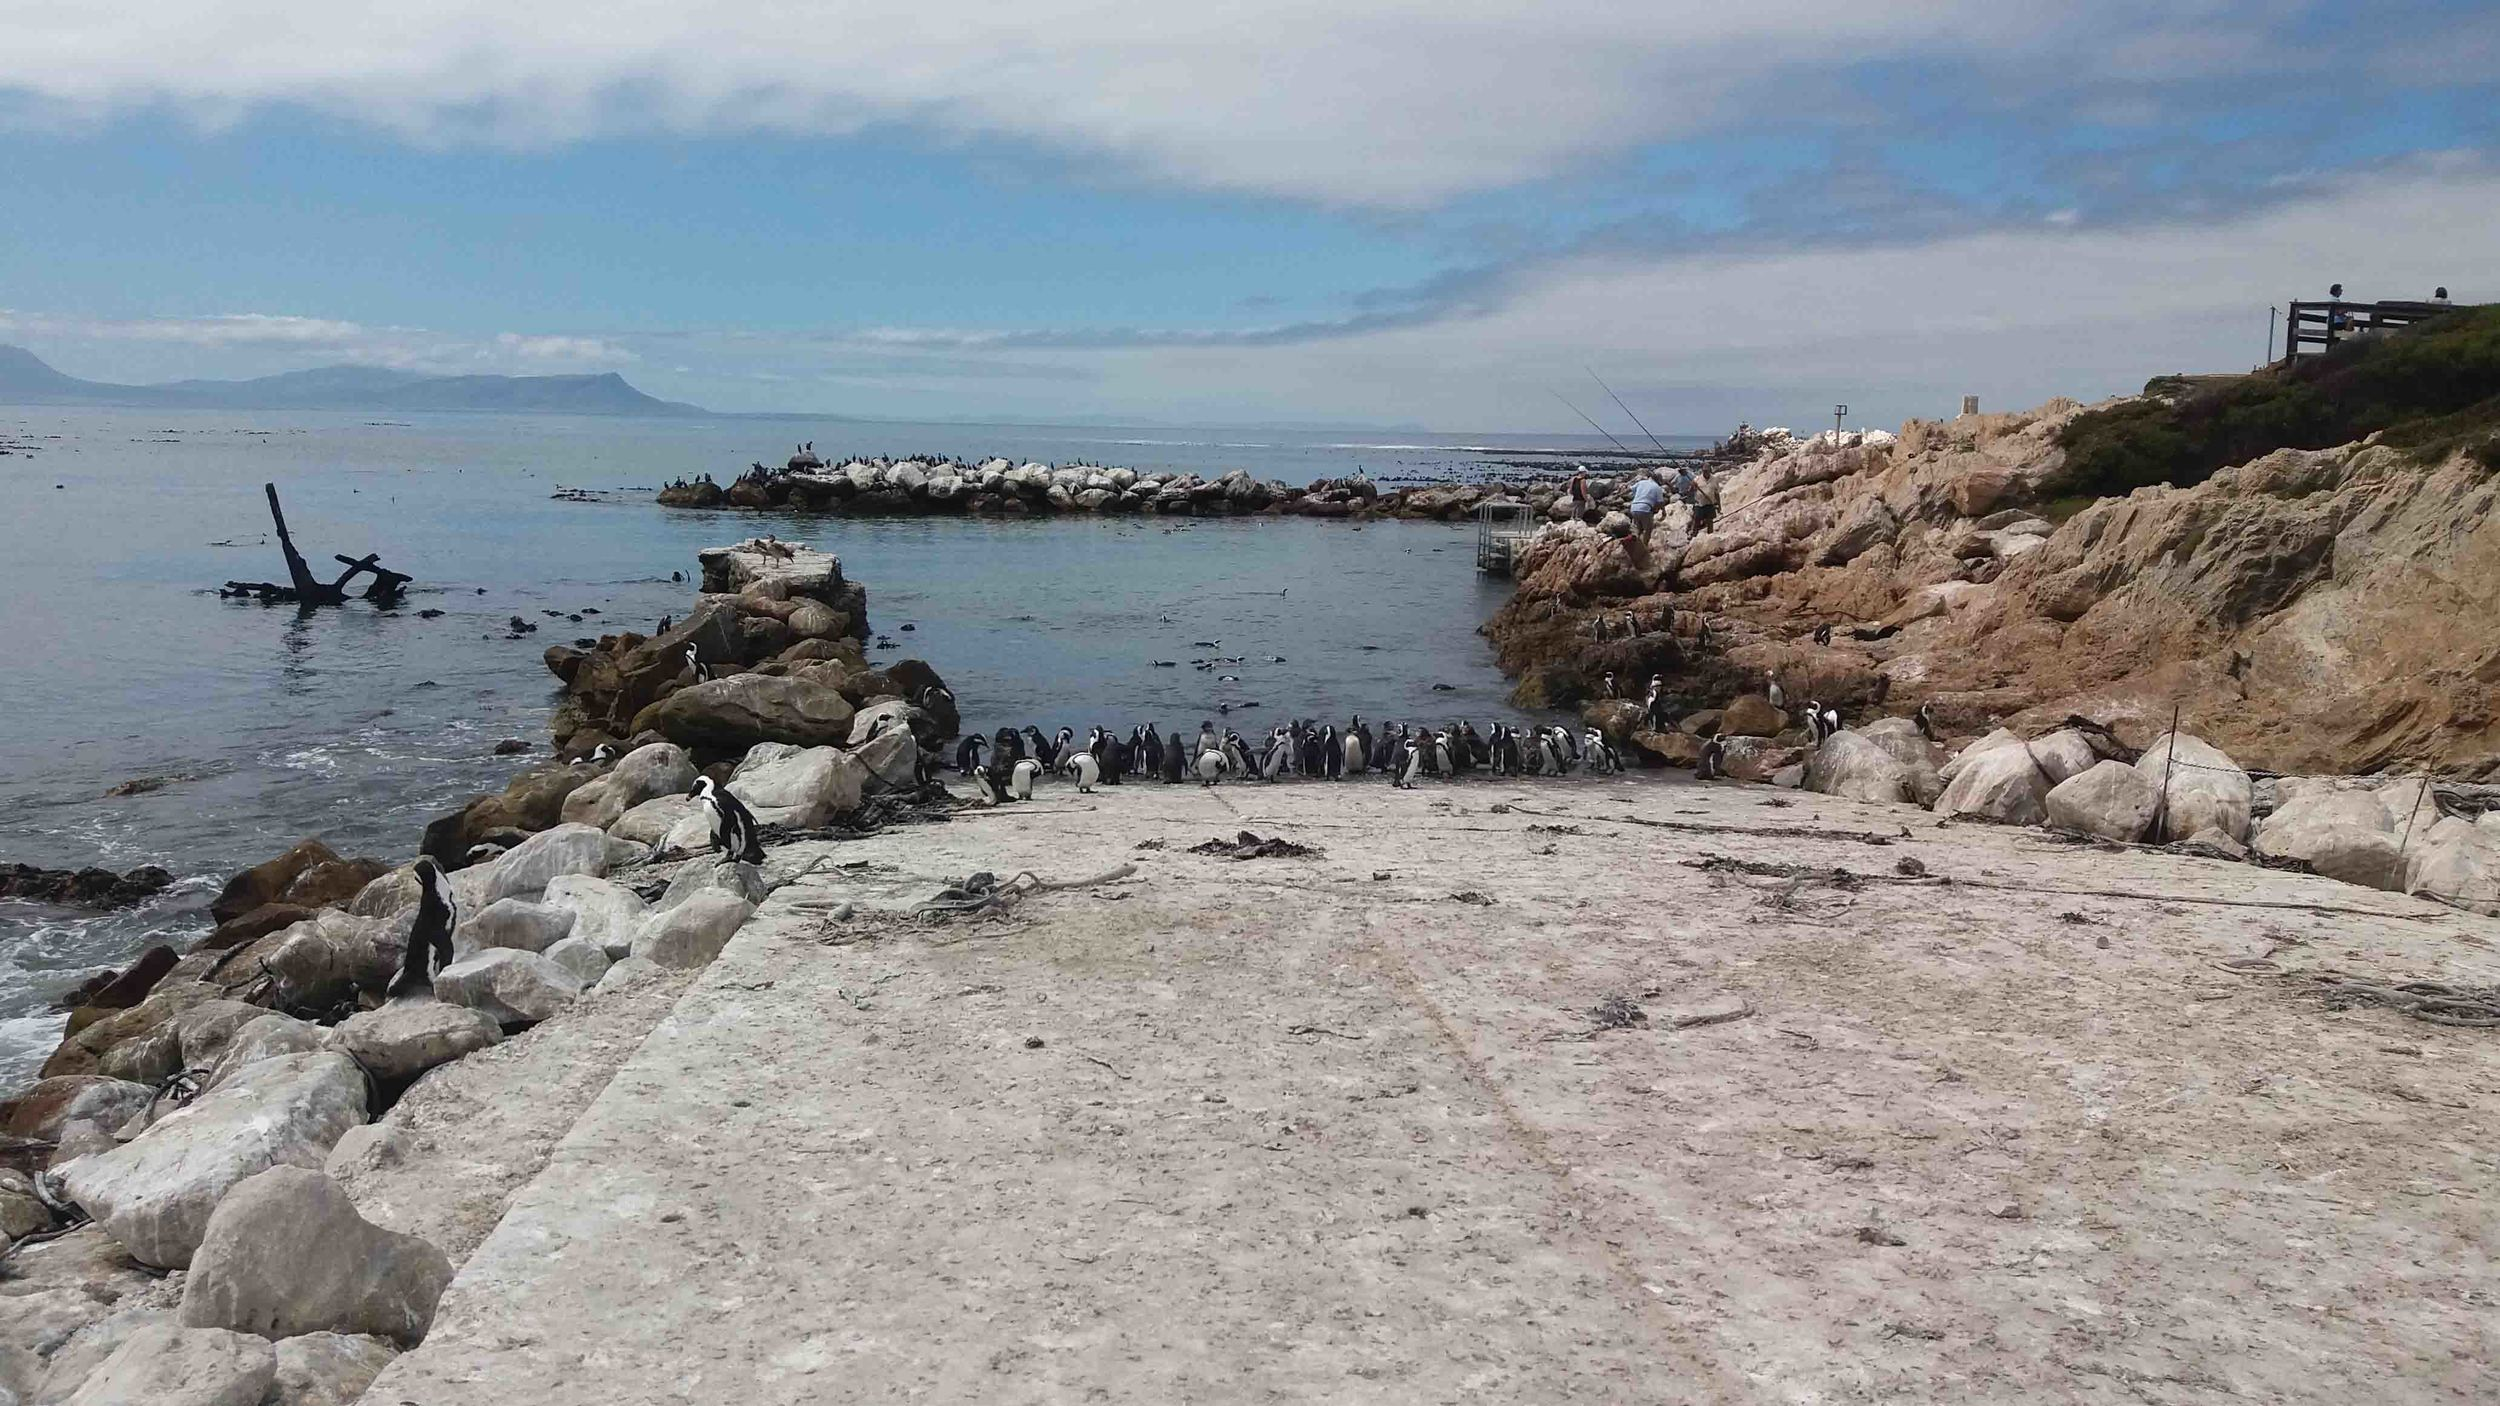 Penguins at Bettys Bay